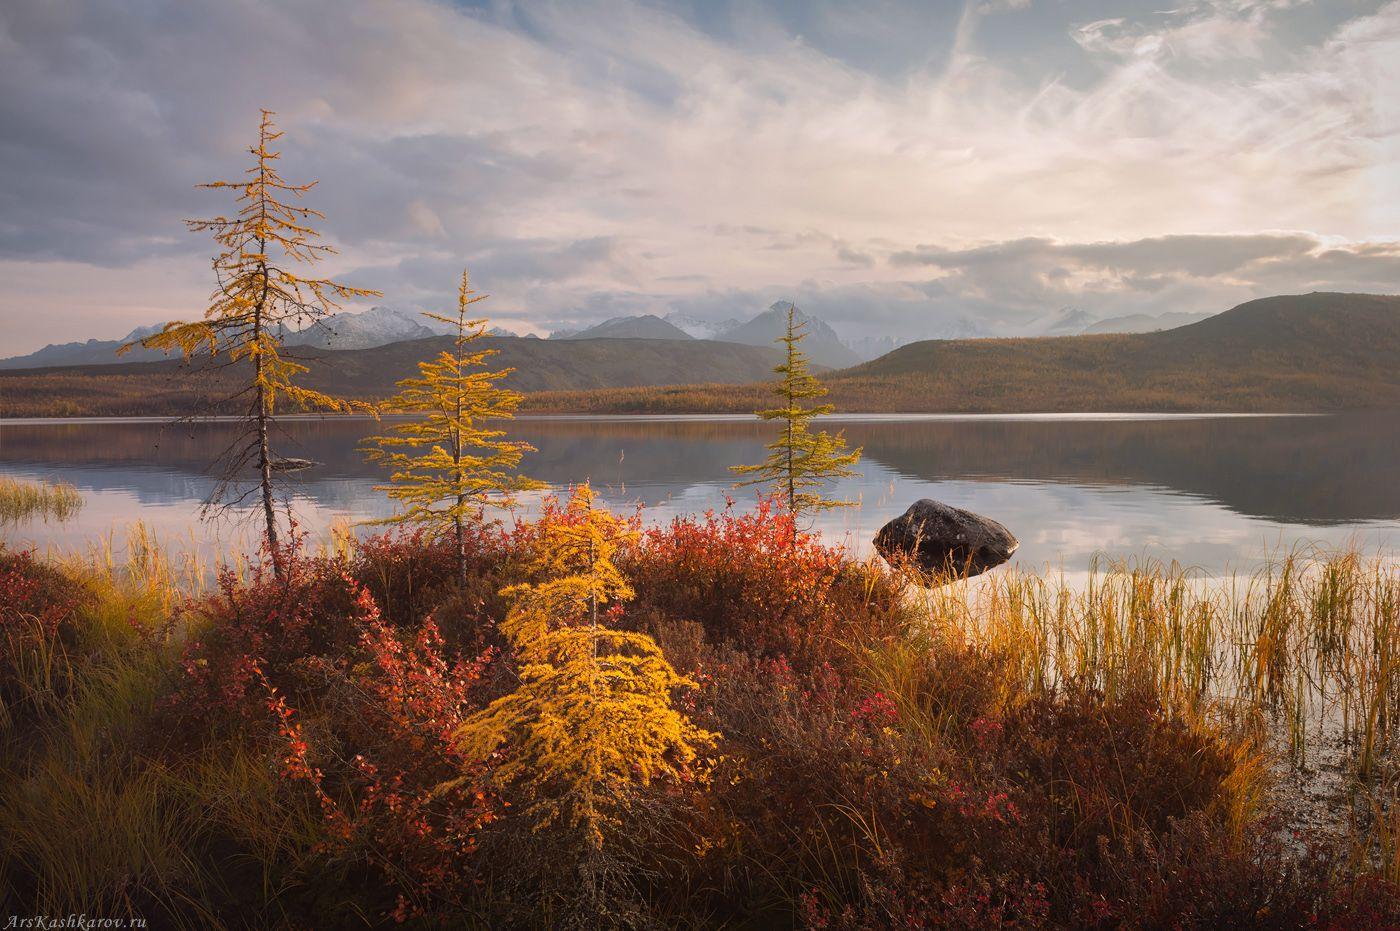 """""""Северная клумба"""" Колыма озеро Джека Лондона Дальний Восток Магаданская область краски осени"""